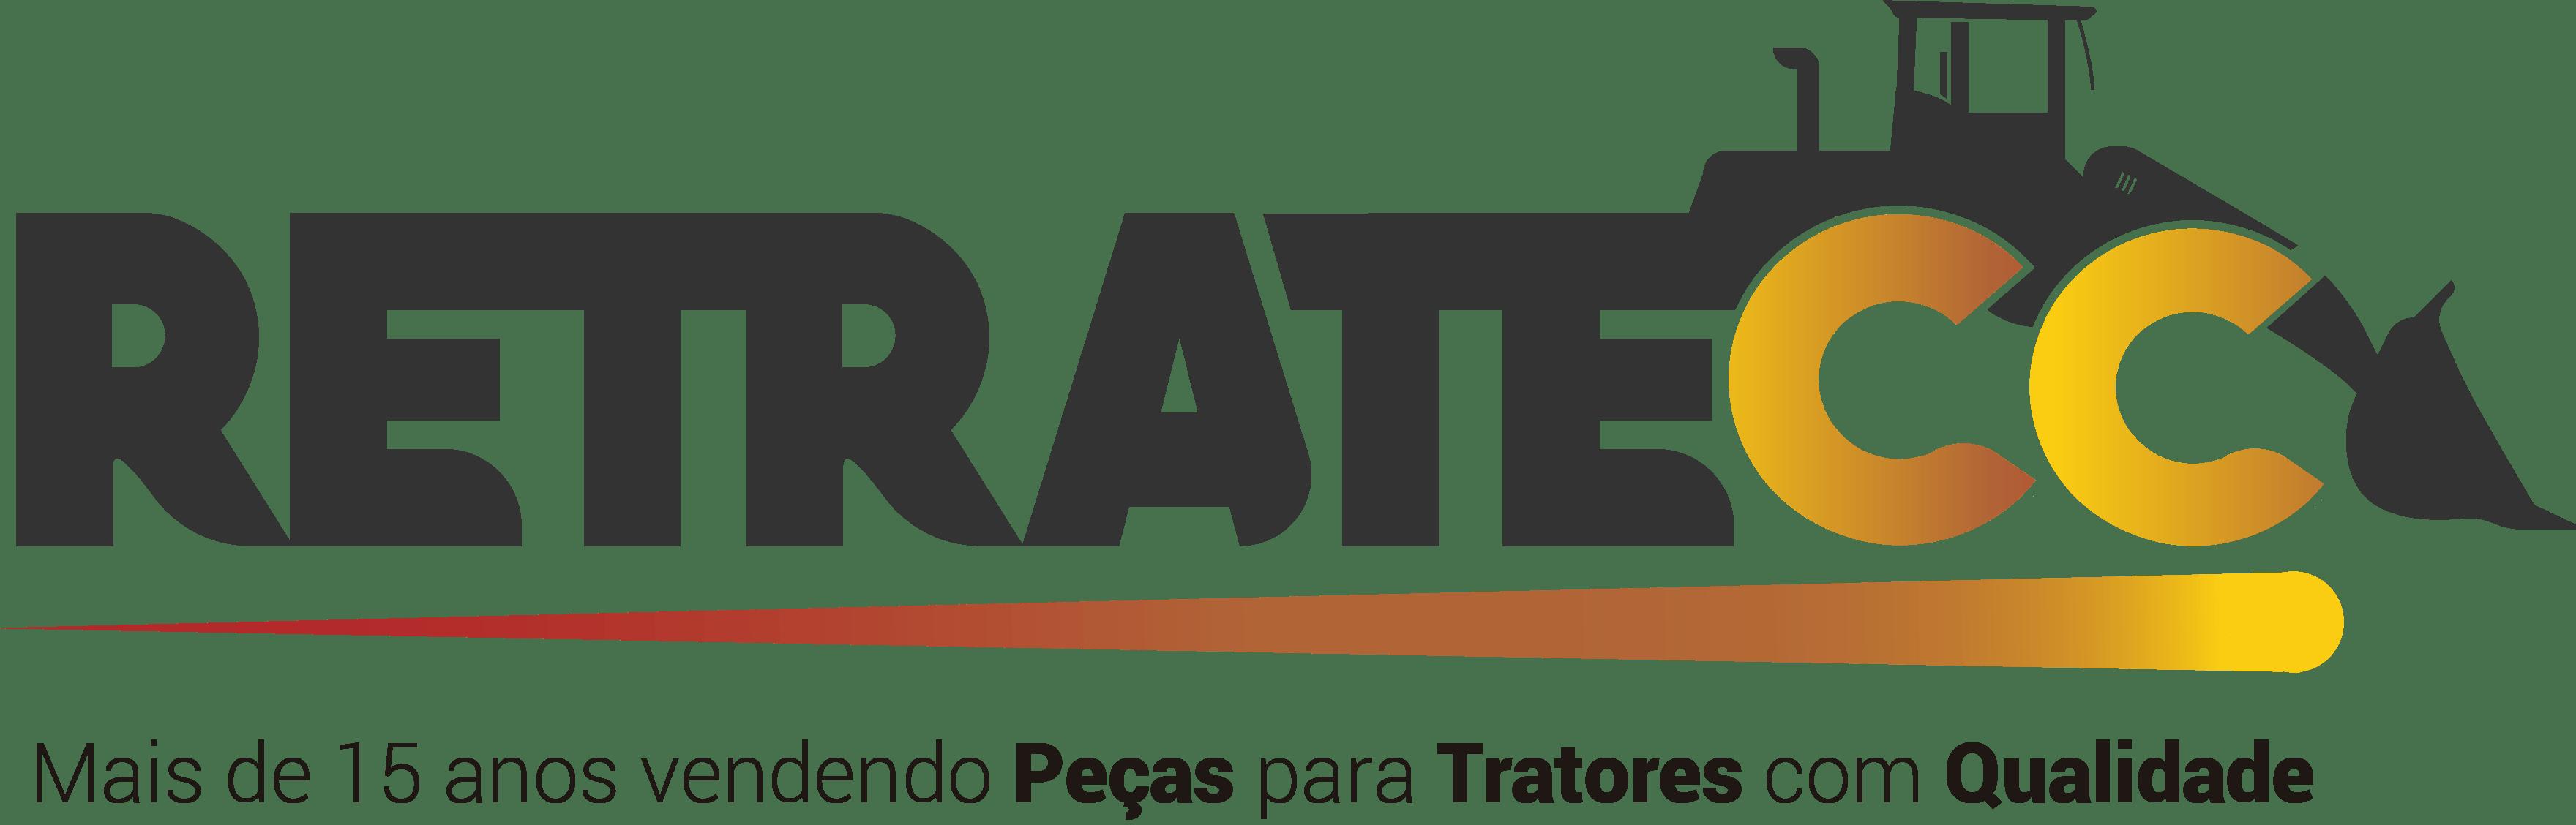 Peças para tratores e seguros - Retratecc